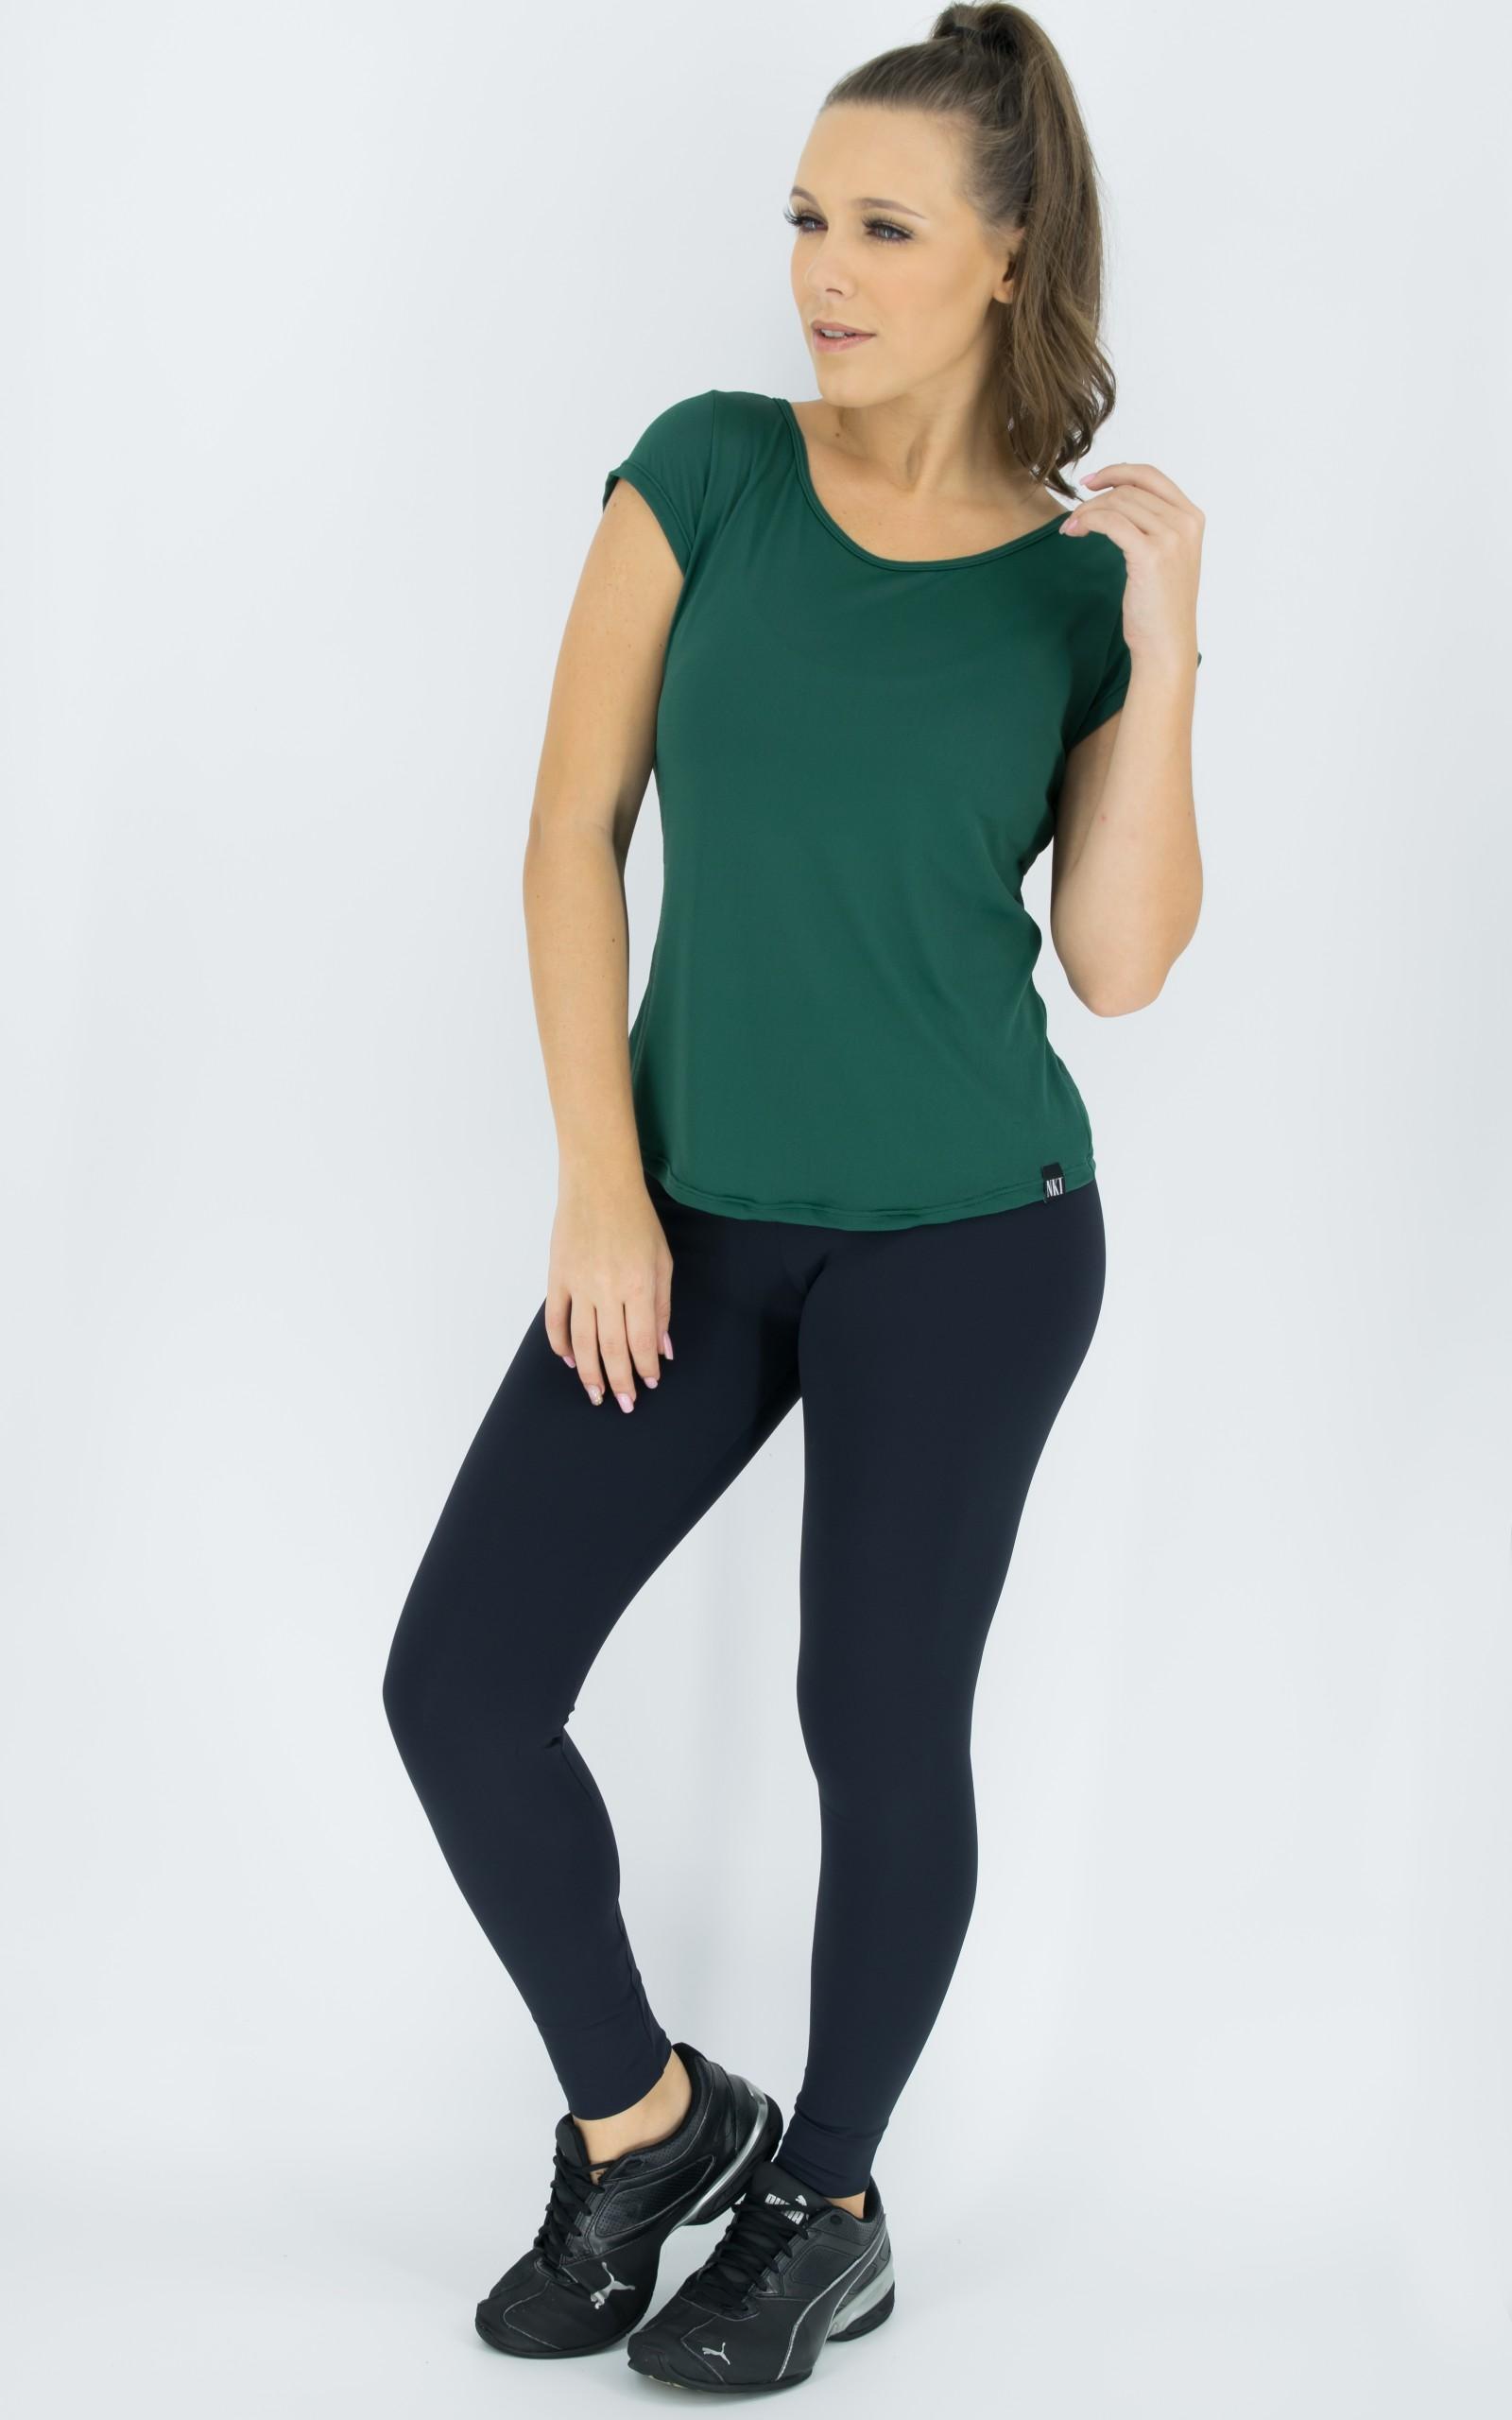 Blusa Special Verde, Coleção Move Your Body - NKT Fitwear Moda Fitness